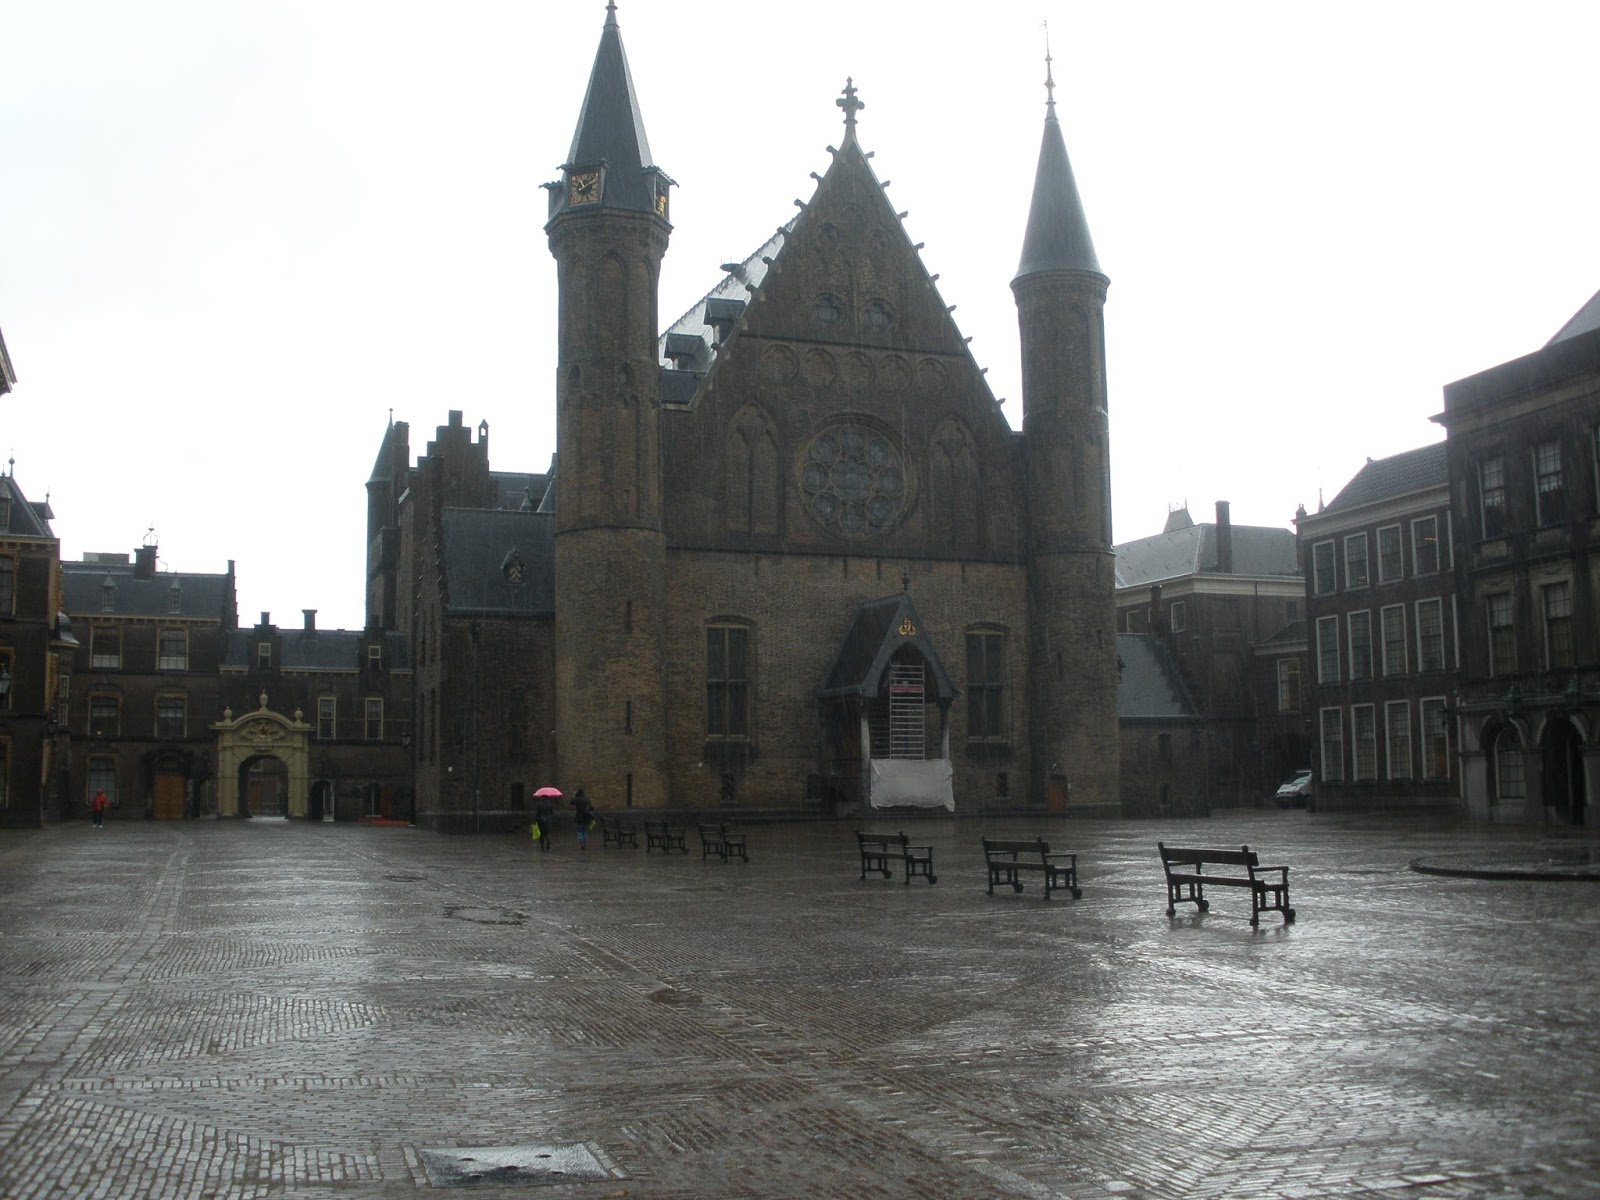 Ridderzaal, edificio principal del Binnenhof